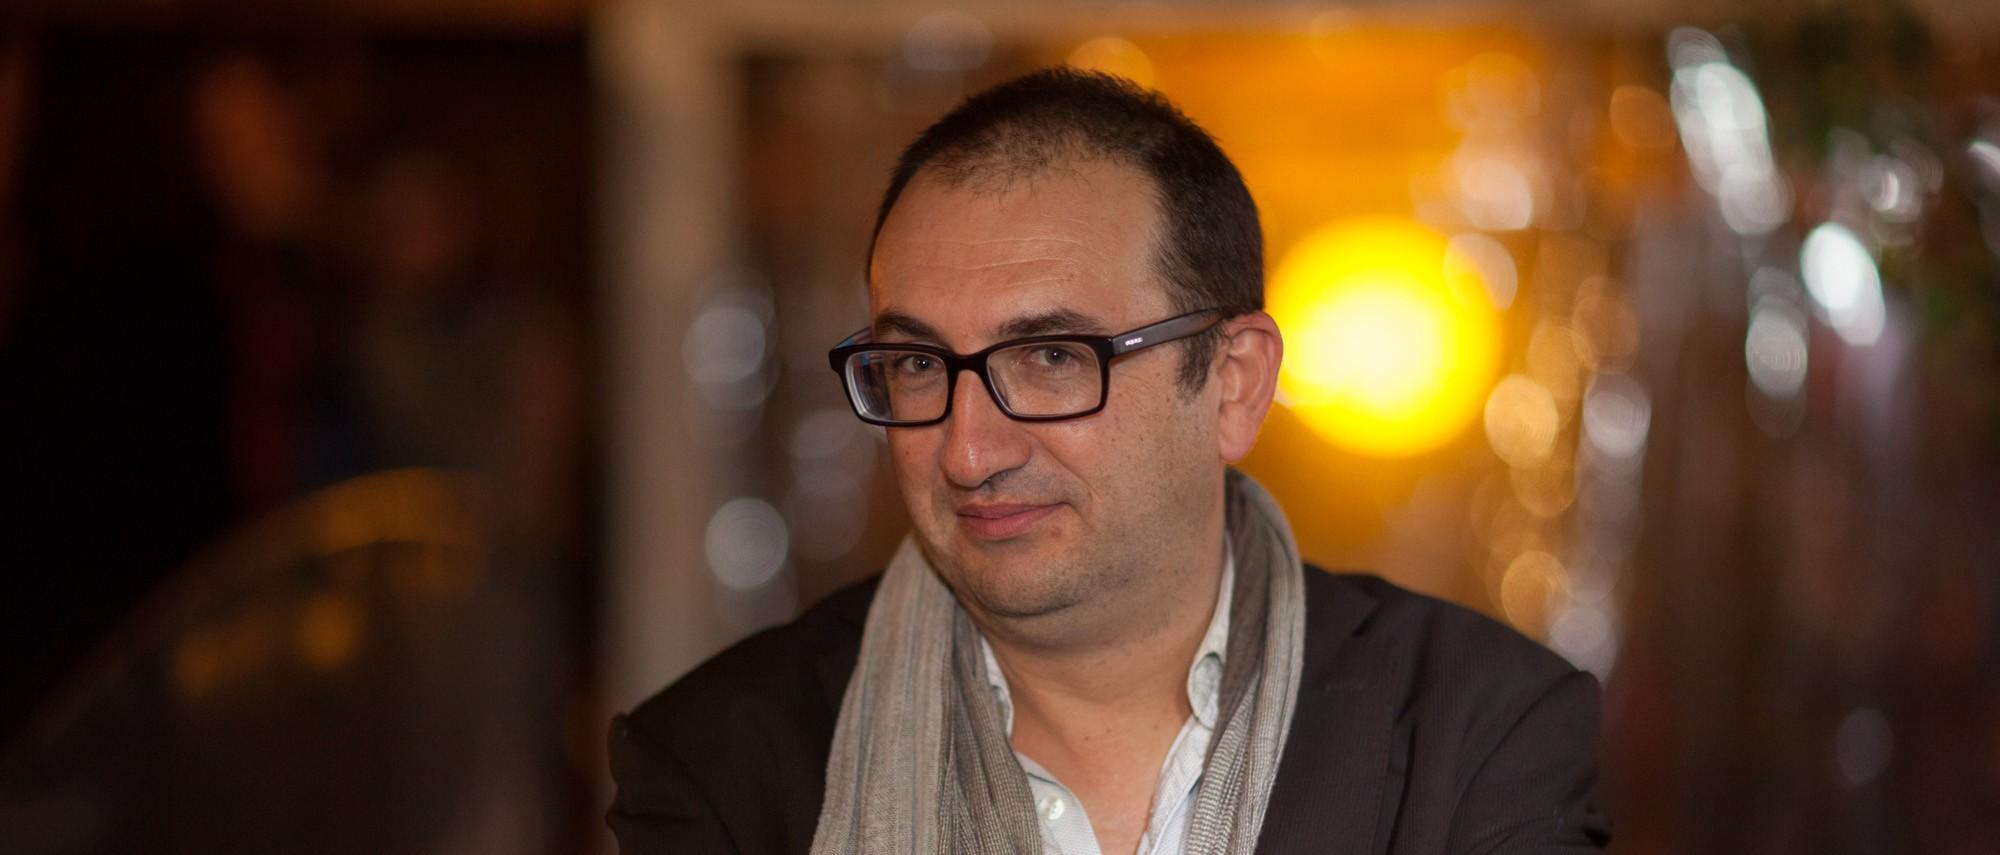 Alain Garnier, CEO de Jamespot